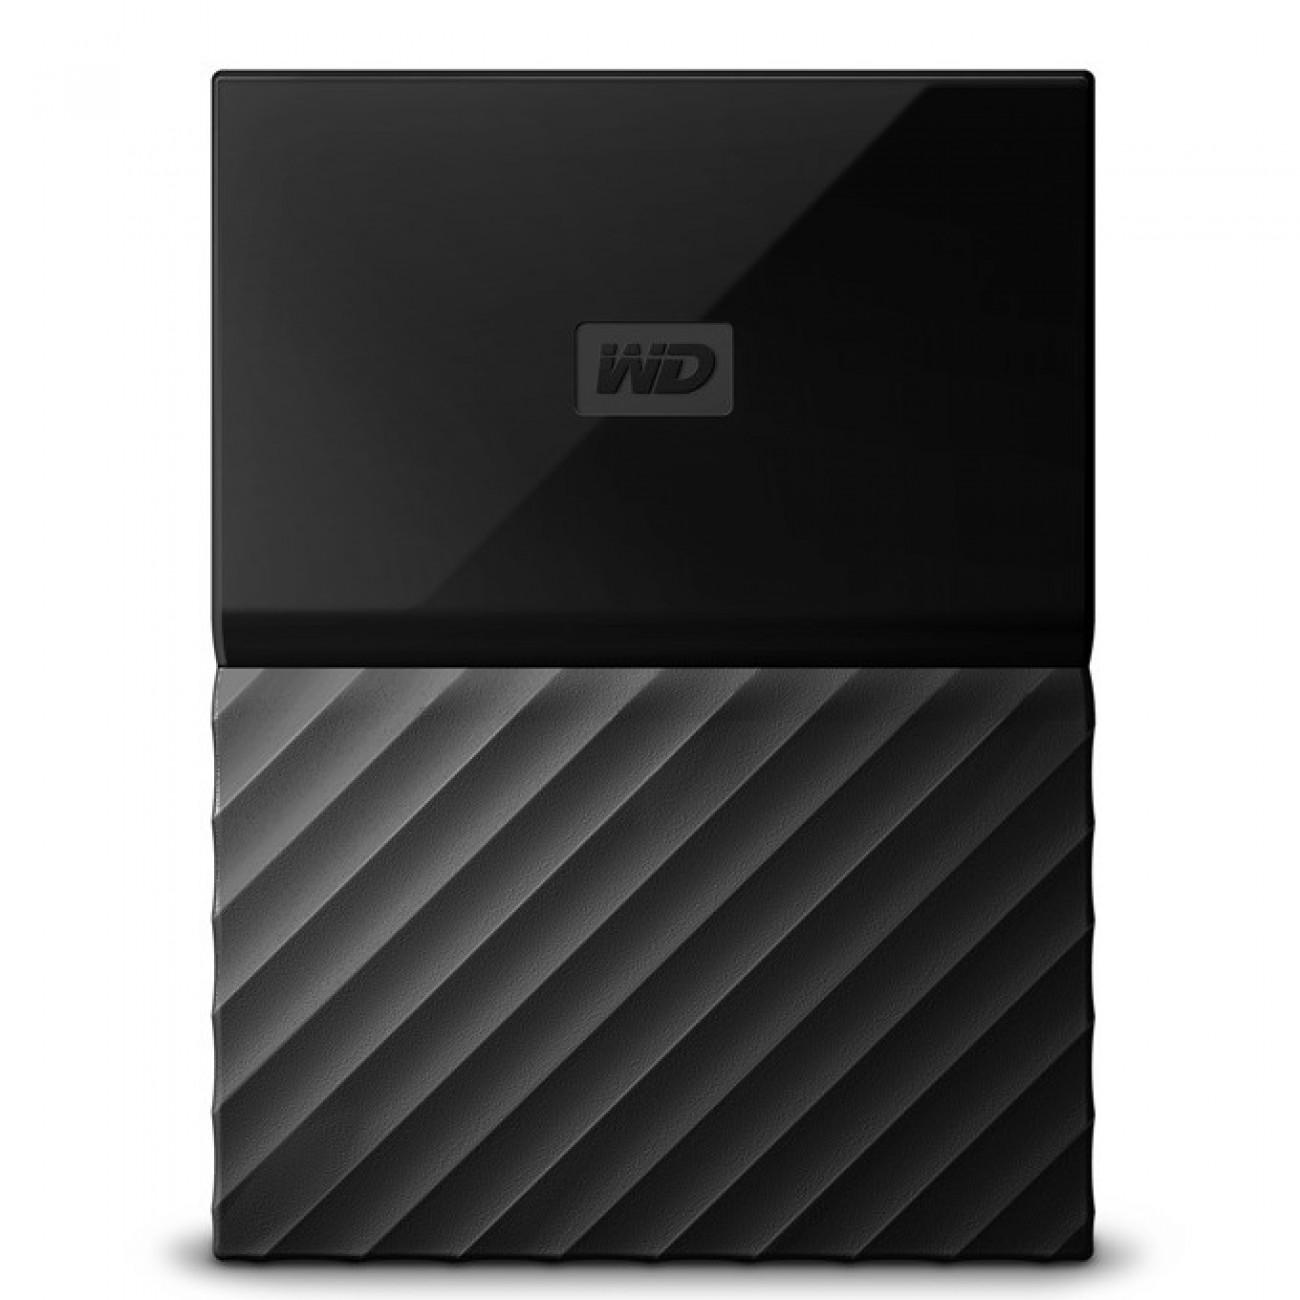 1TB Western Digital My Passport for MAC, черен, външен, 2.5 (6.35cm), USB 3.0 в Твърди дискове Външни -  | Alleop